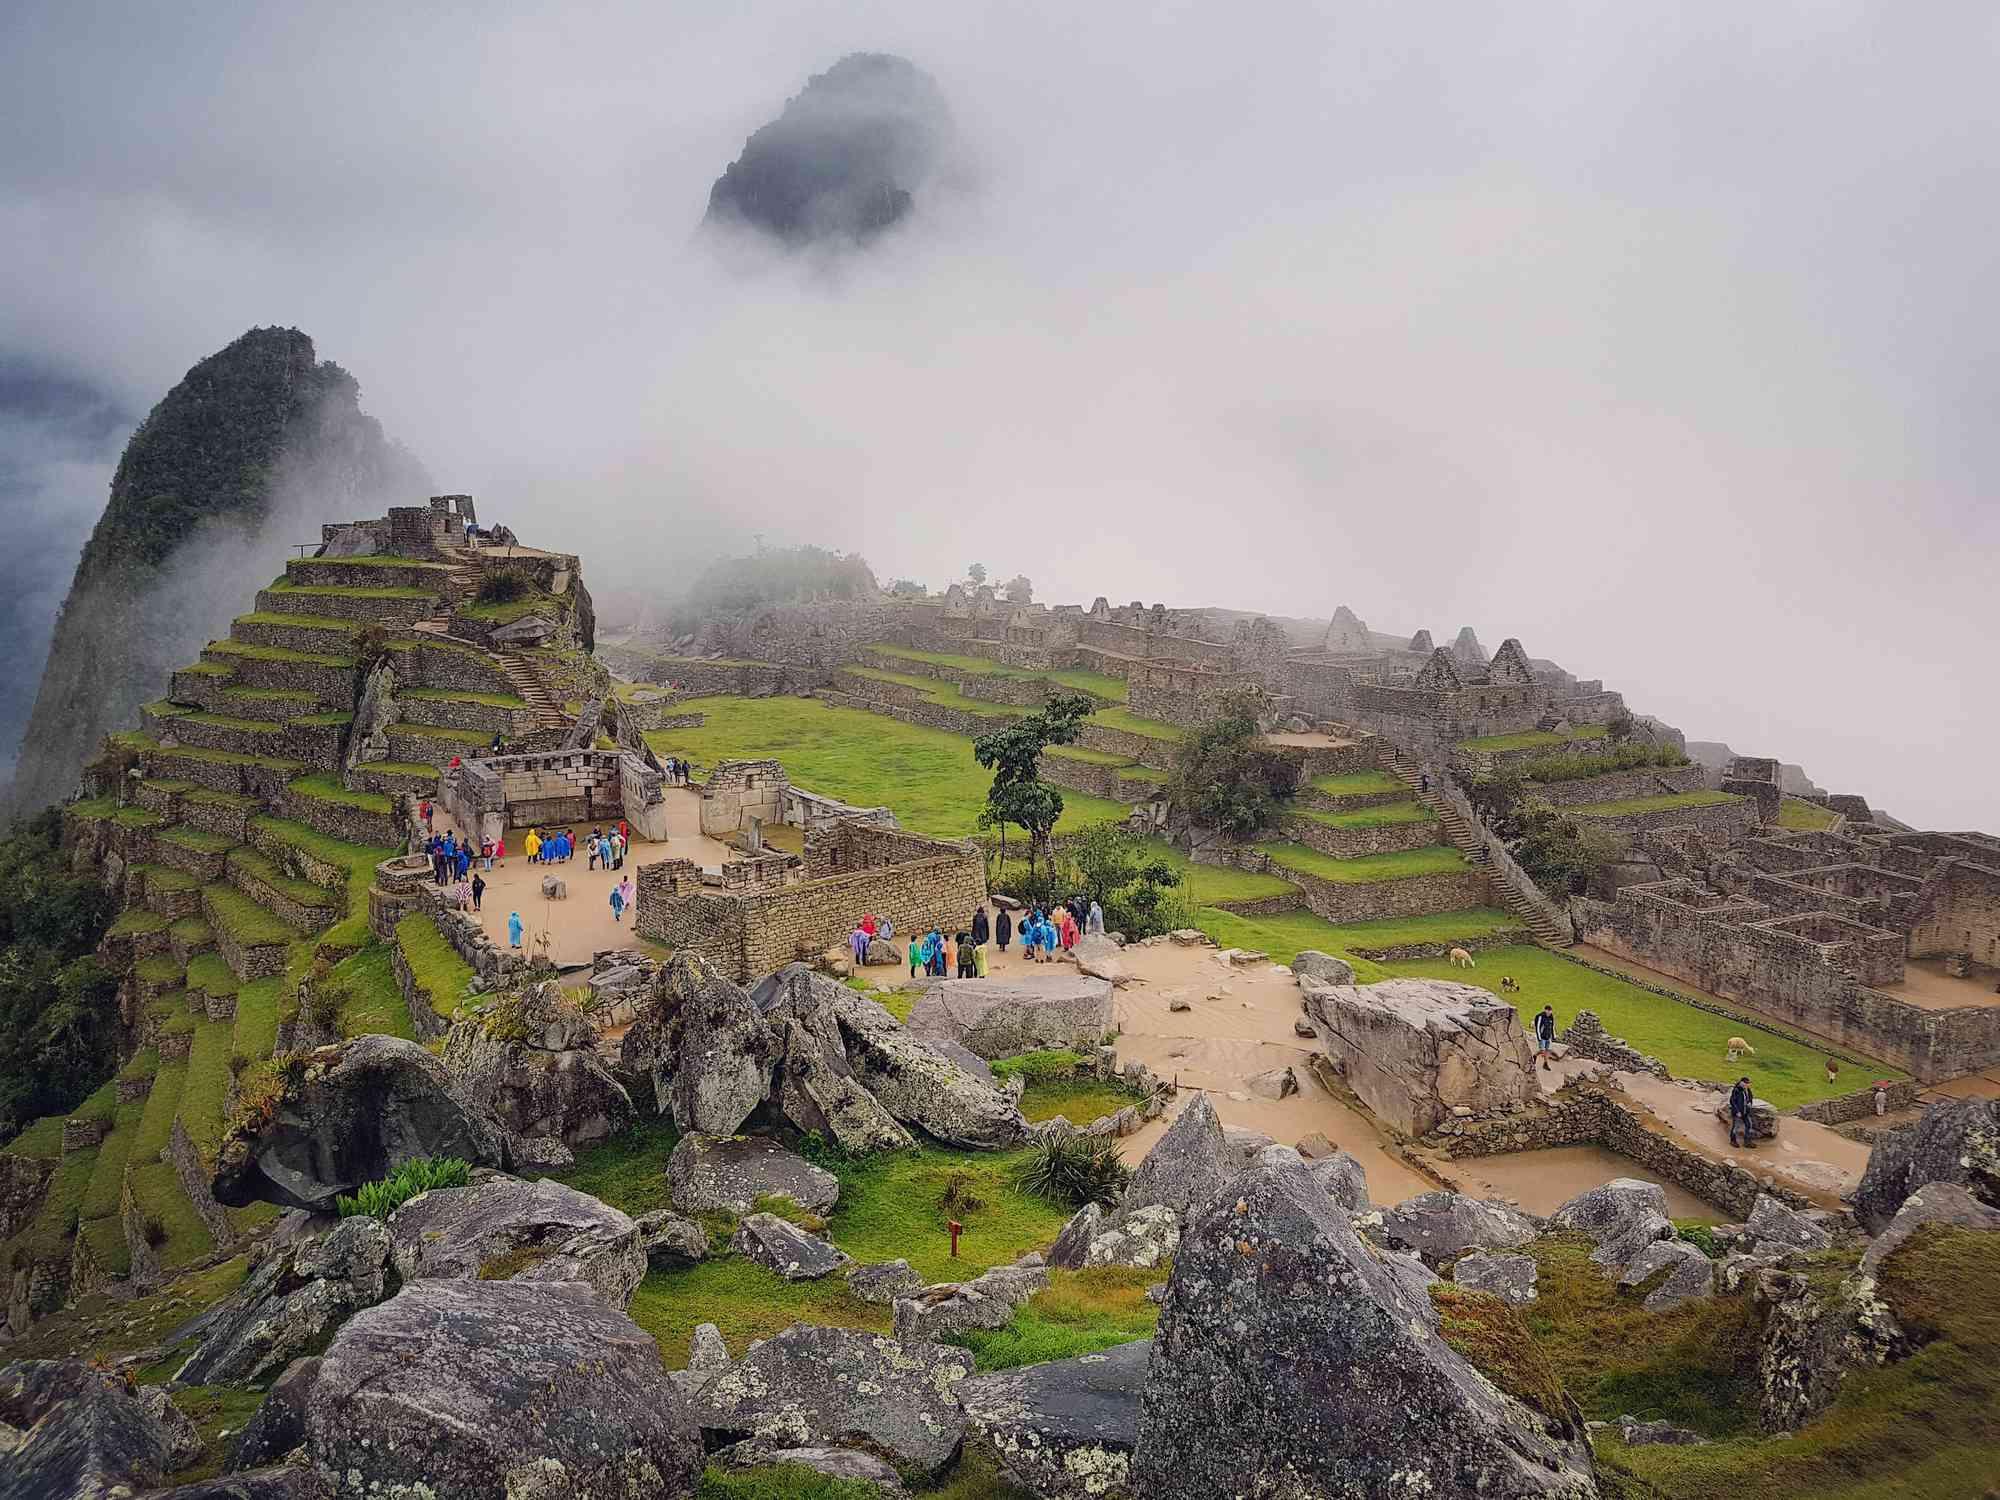 Tourists exploring ruins at Machu Picchu, Peru